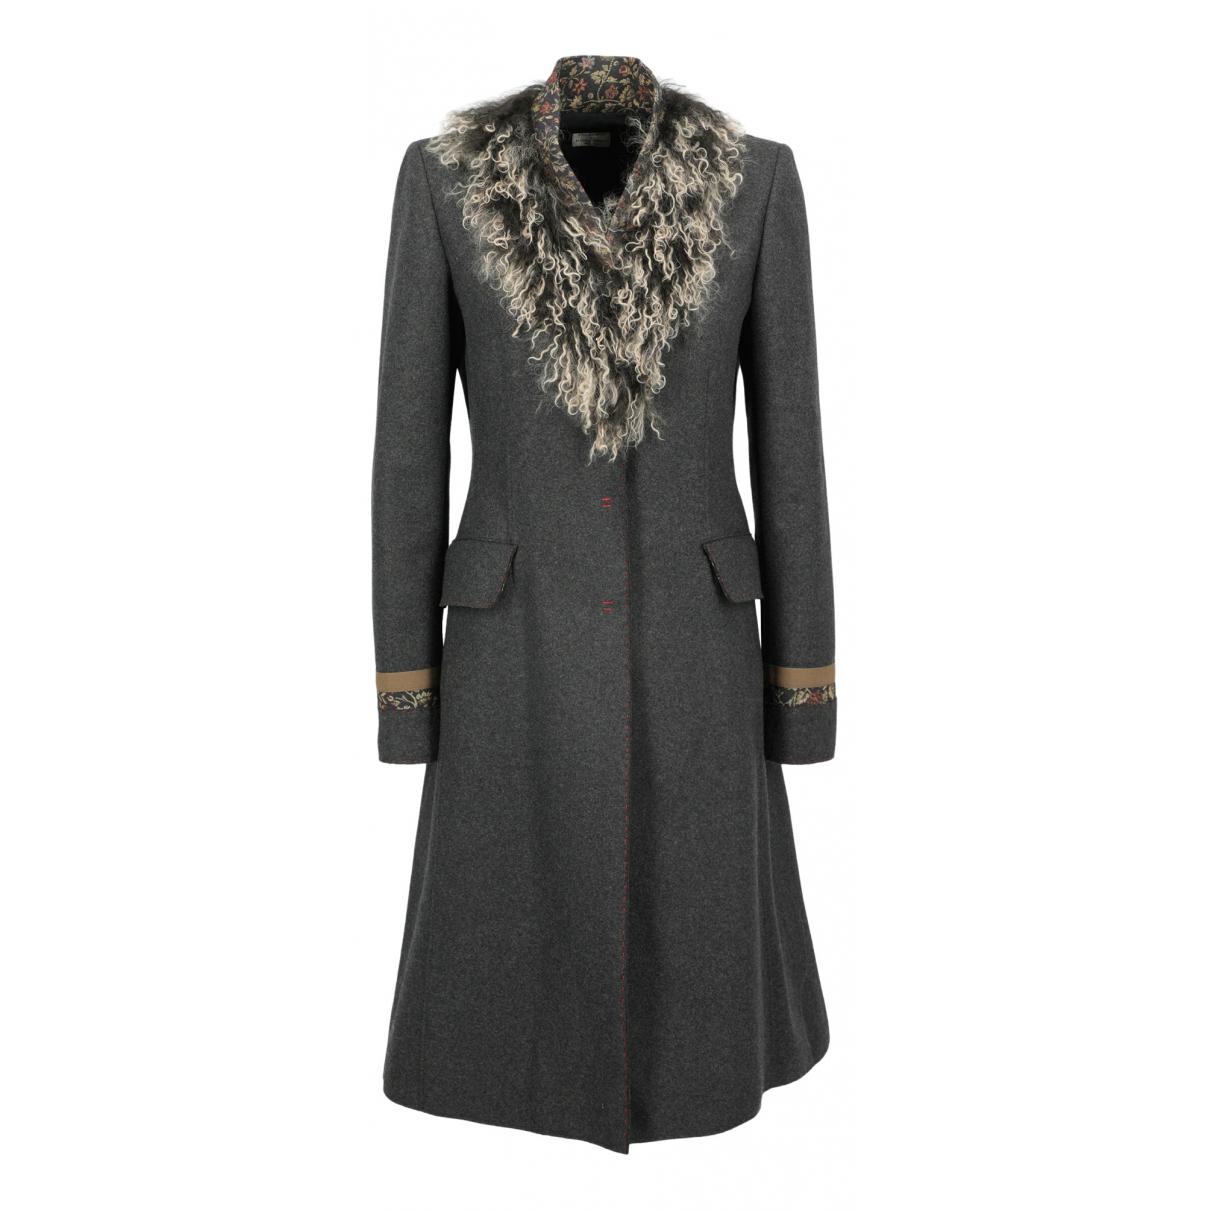 Philosophy H1h2 \N Beige Wool coat for Women 46 IT